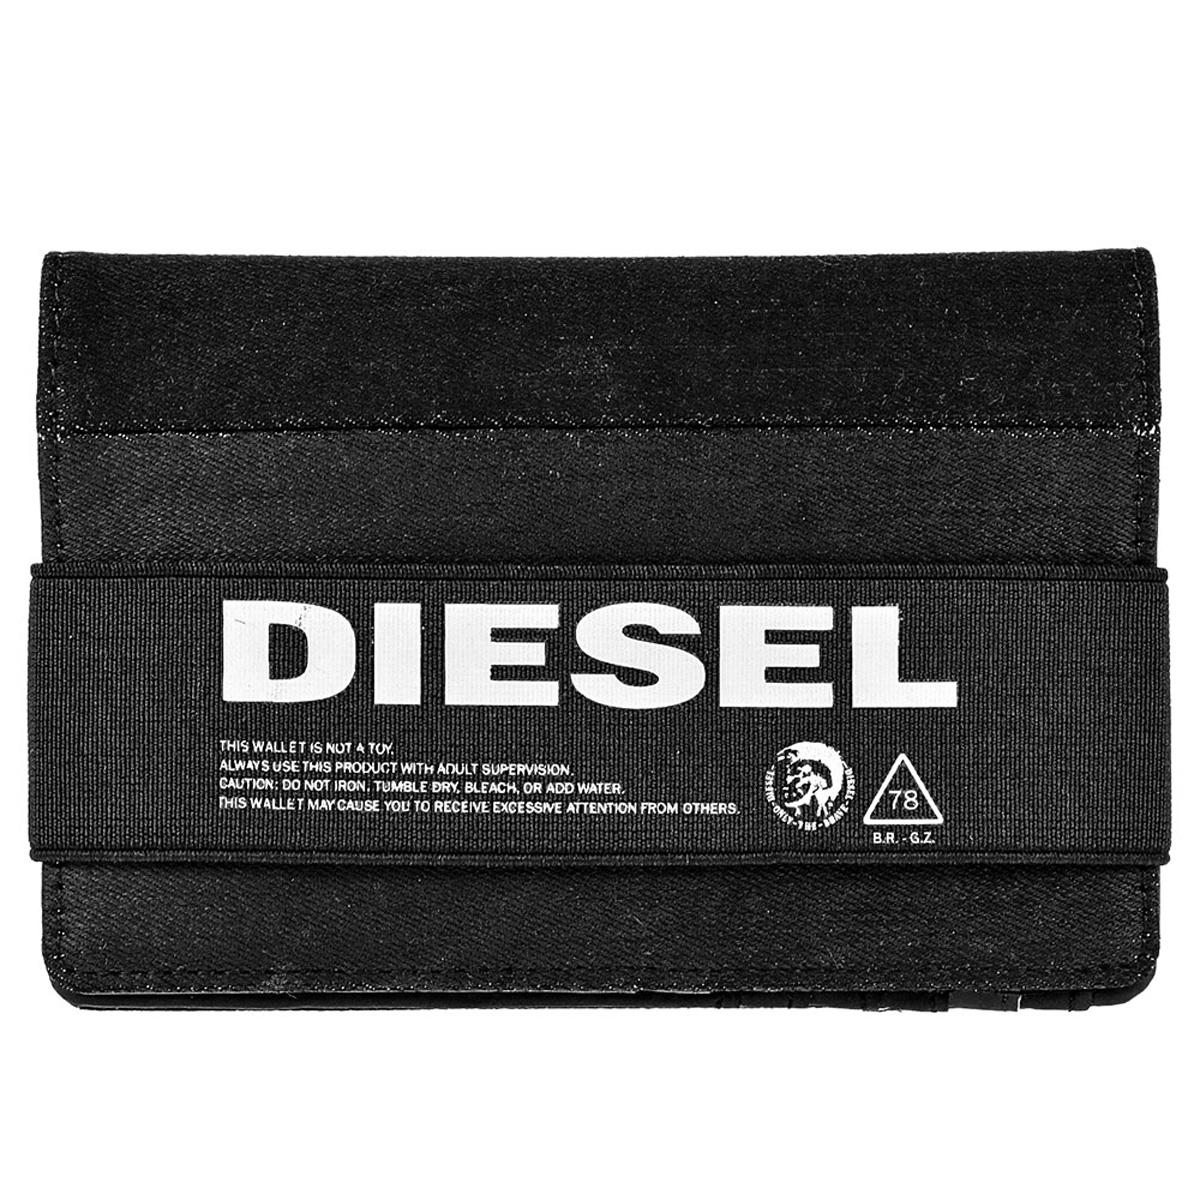 ディーゼル DIESEL 財布 X06483 PR402 T8013 ORGANIESEL 小銭入れなし 二つ折り財布 BLACK ブラックデニム+ブラック